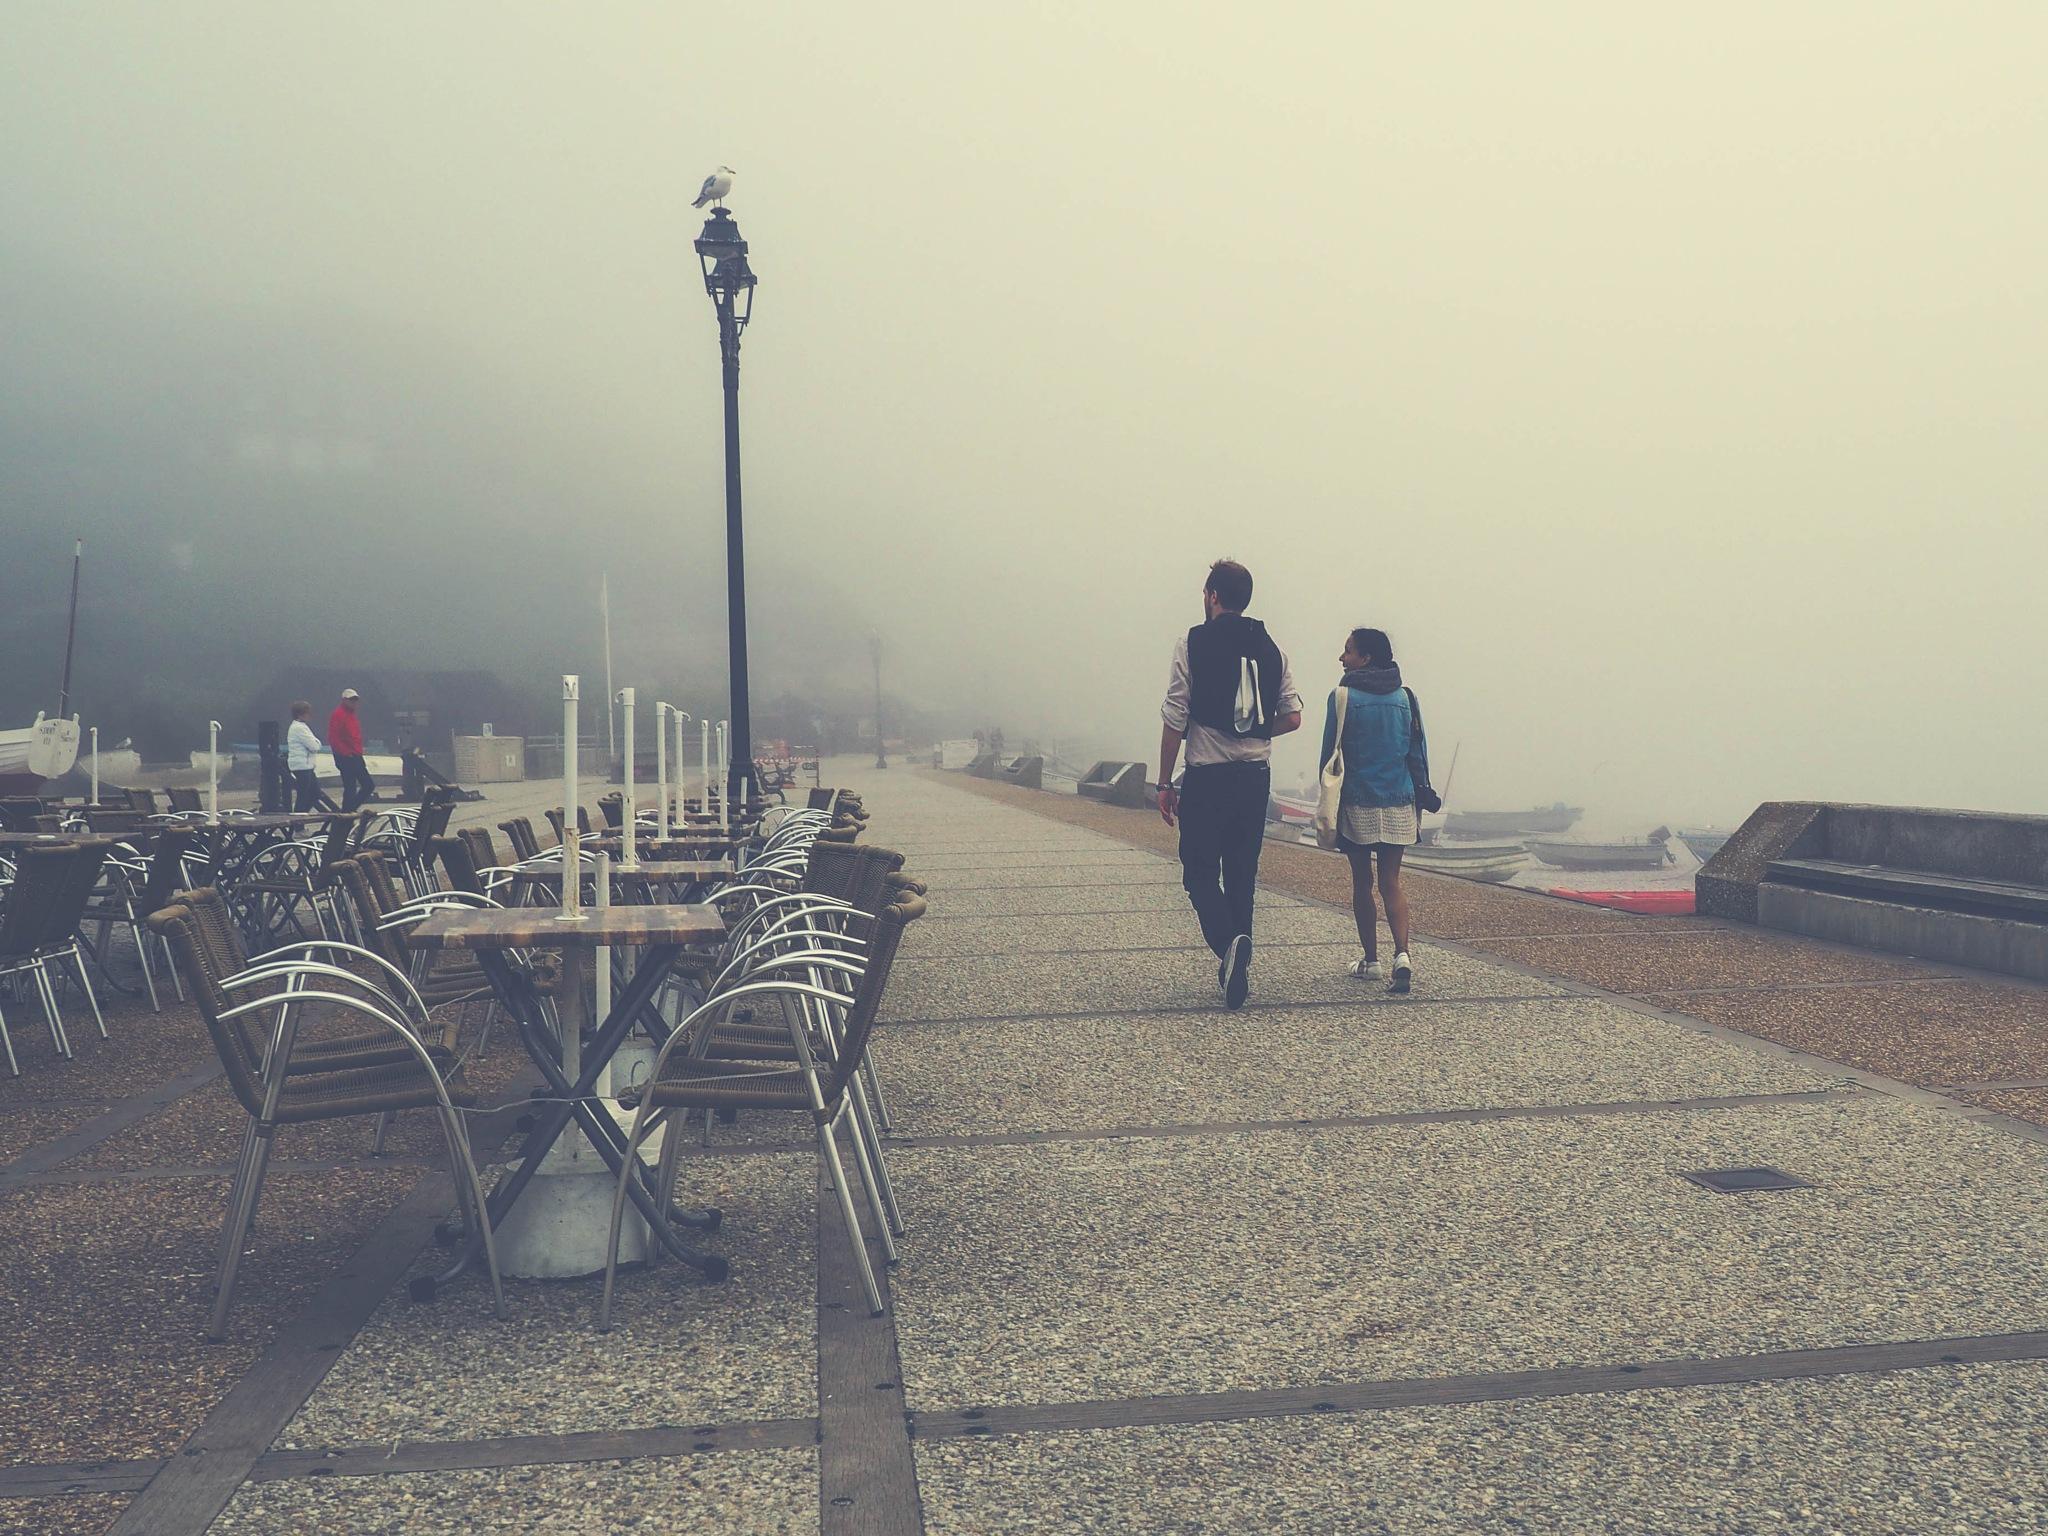 walk in the mist  by alain michel